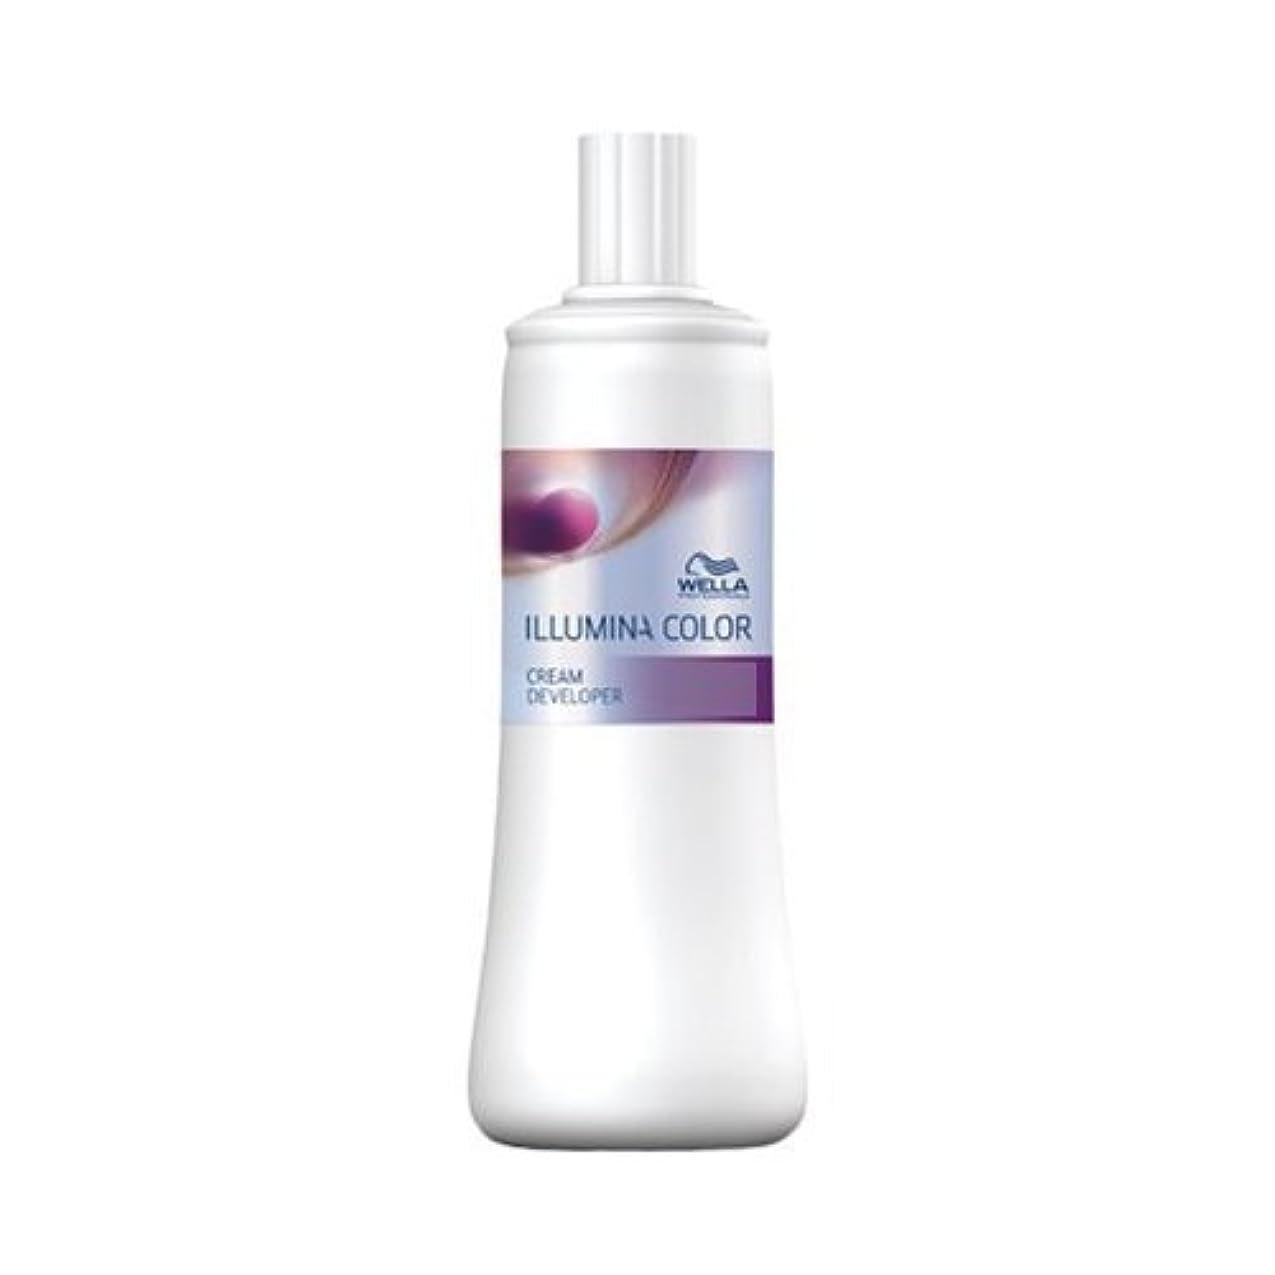 承認するステージ流産ウエラ イルミナカラー クリーム ディベロッパー 6% 1000ml(2剤)